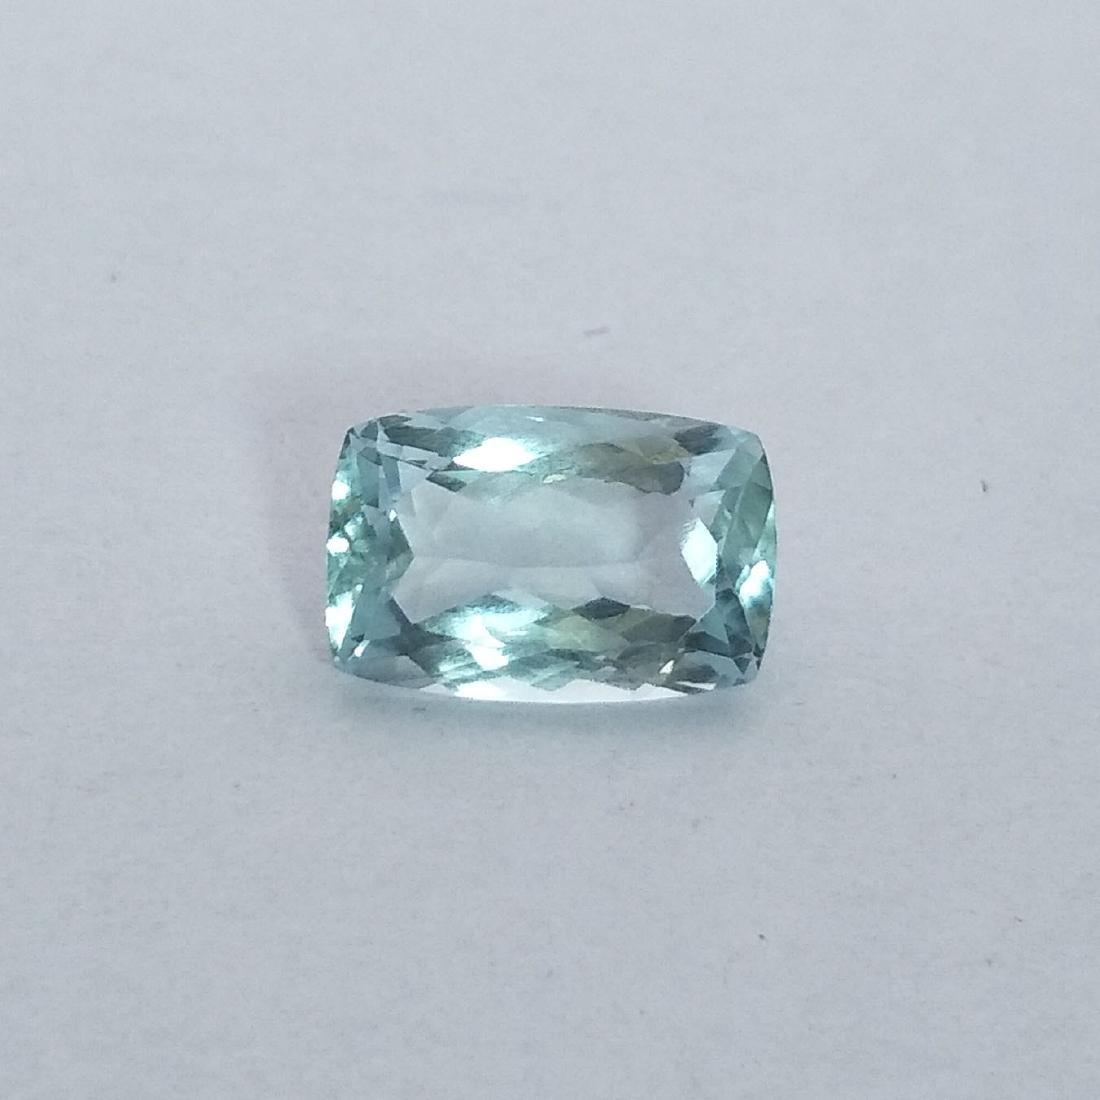 Aquamarine - 1.98 ct